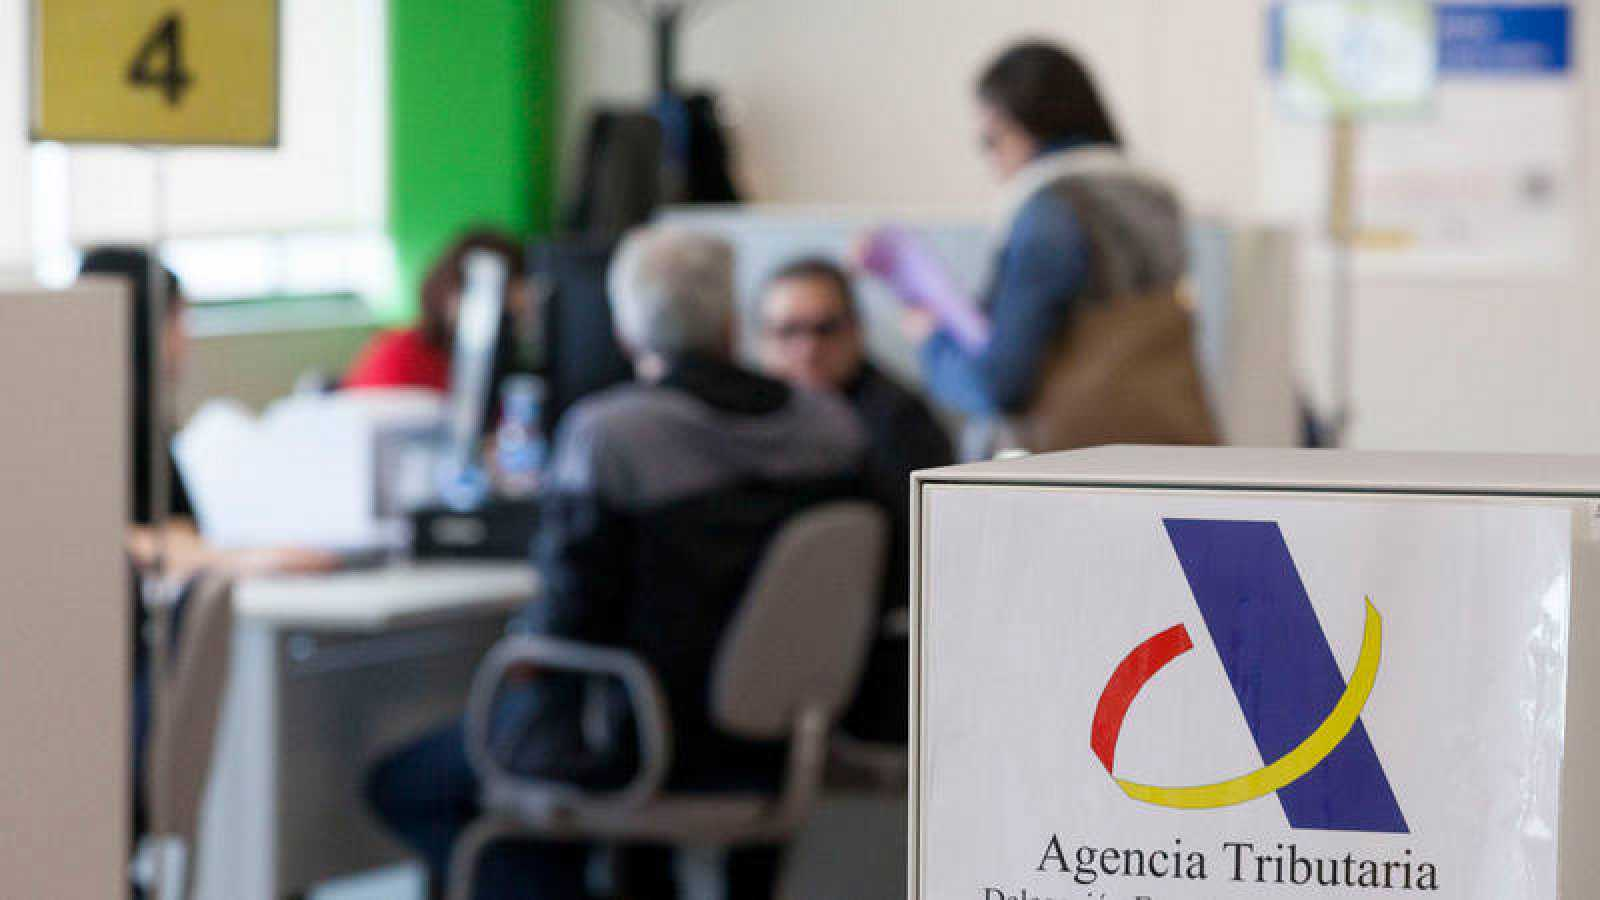 La propia Agencia Tributaria formuló una denuncia a finales del pasado año al sospechar de los presuntas irregularidades del funcionario.